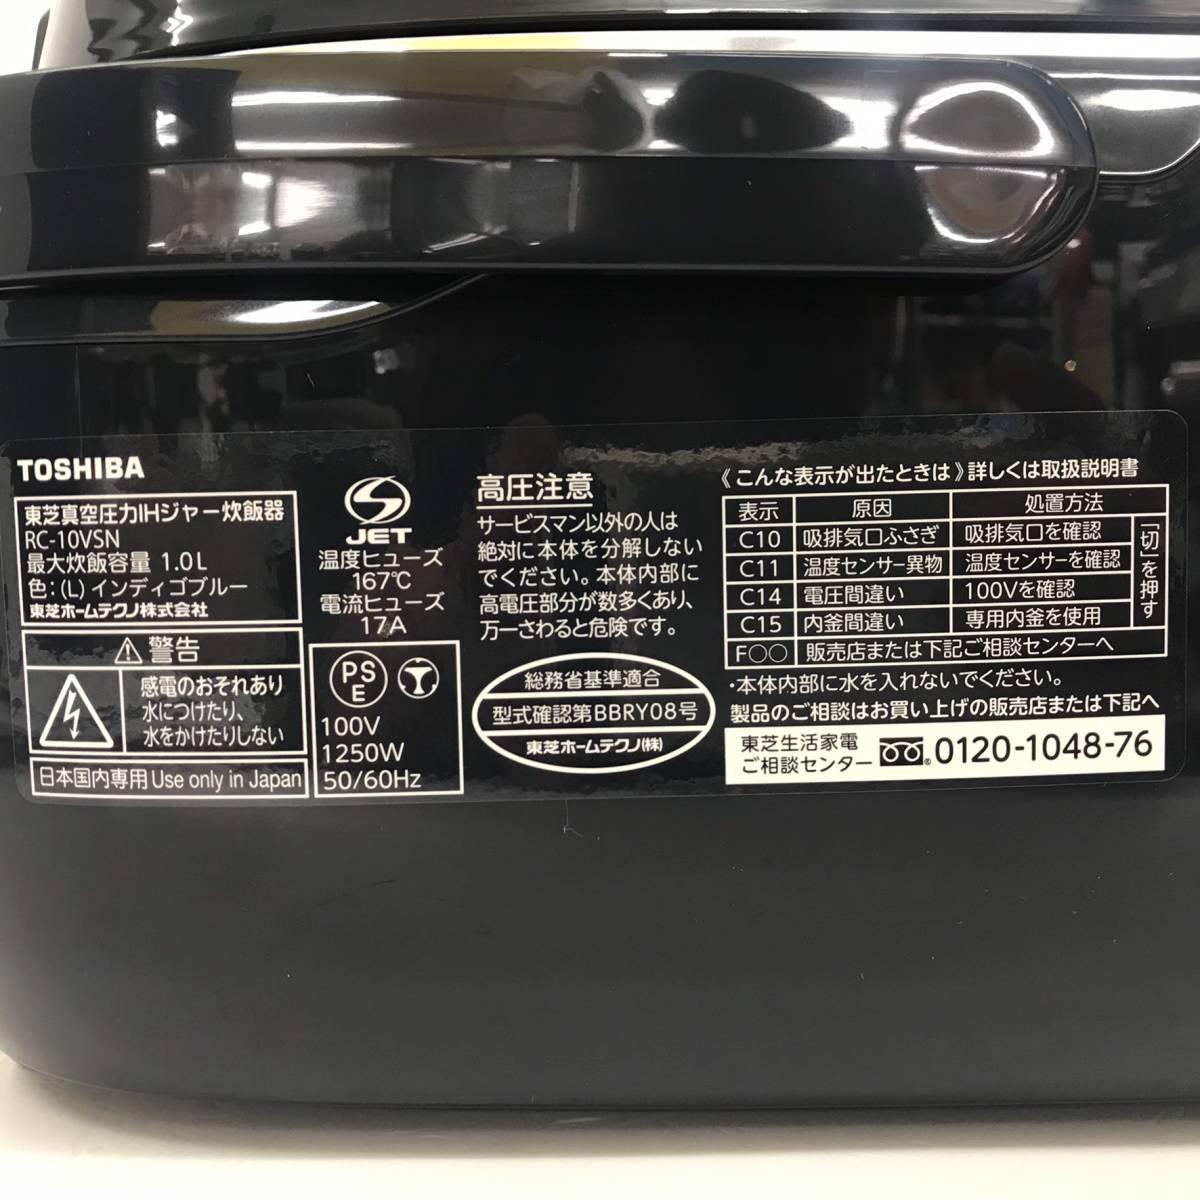 Nồi Cơm điện Toshiba RC-10VSN | Hàng Nhật Today